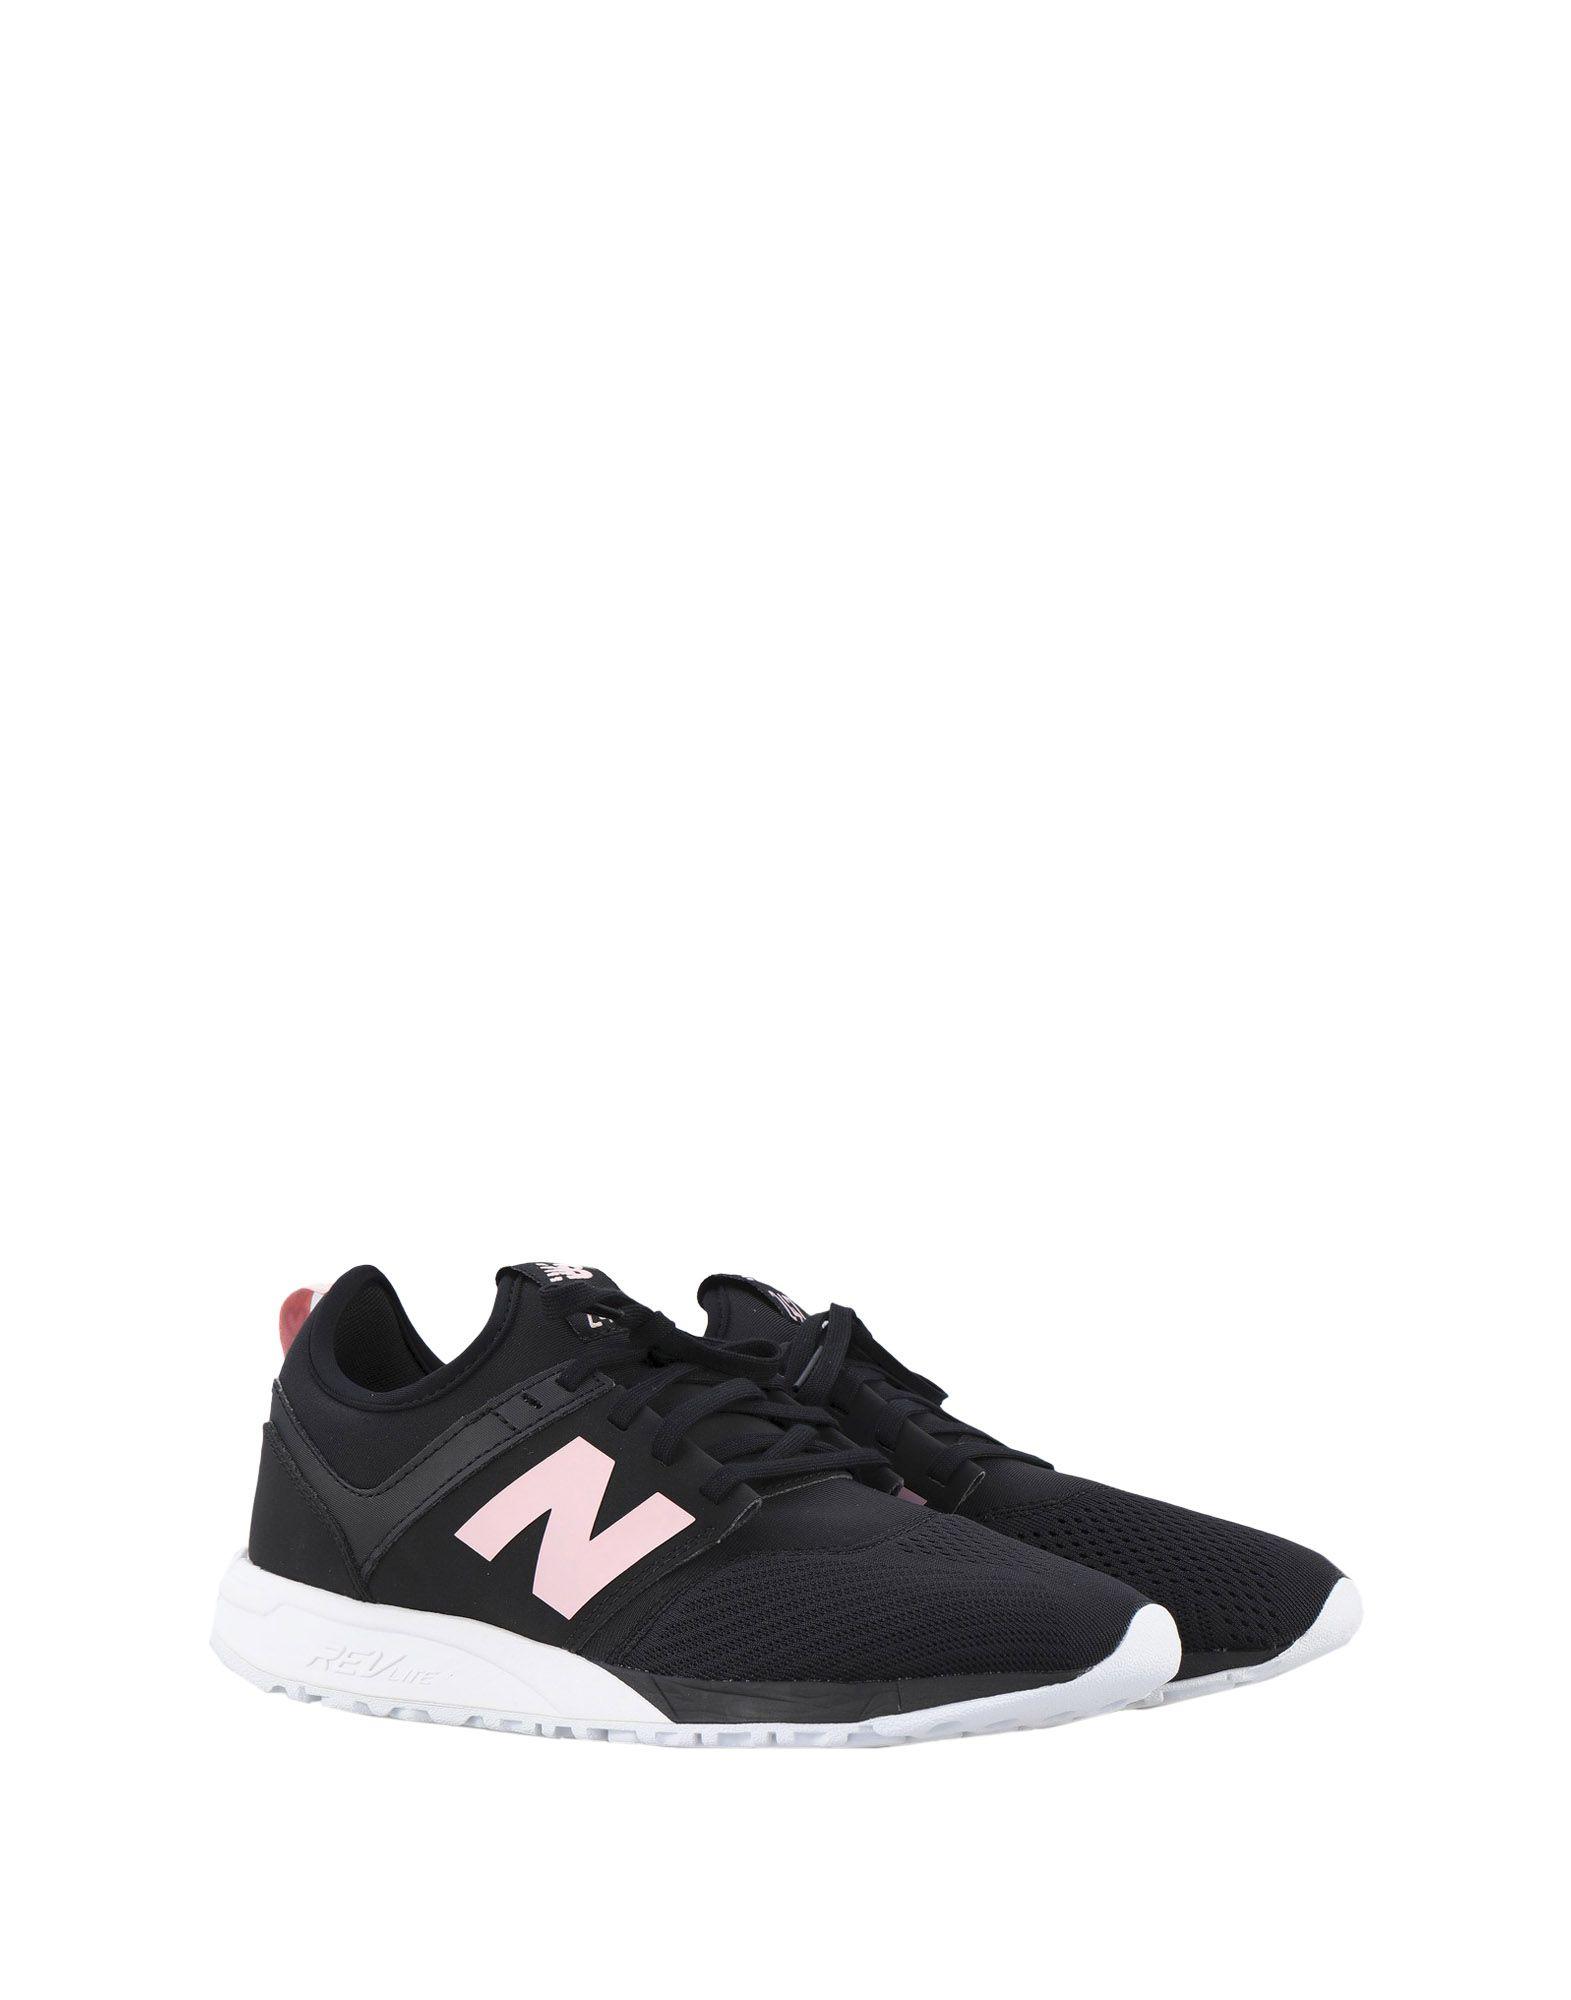 New Balance Wrl247 Sport beliebte  11554289XT Gute Qualität beliebte Sport Schuhe 289bcf